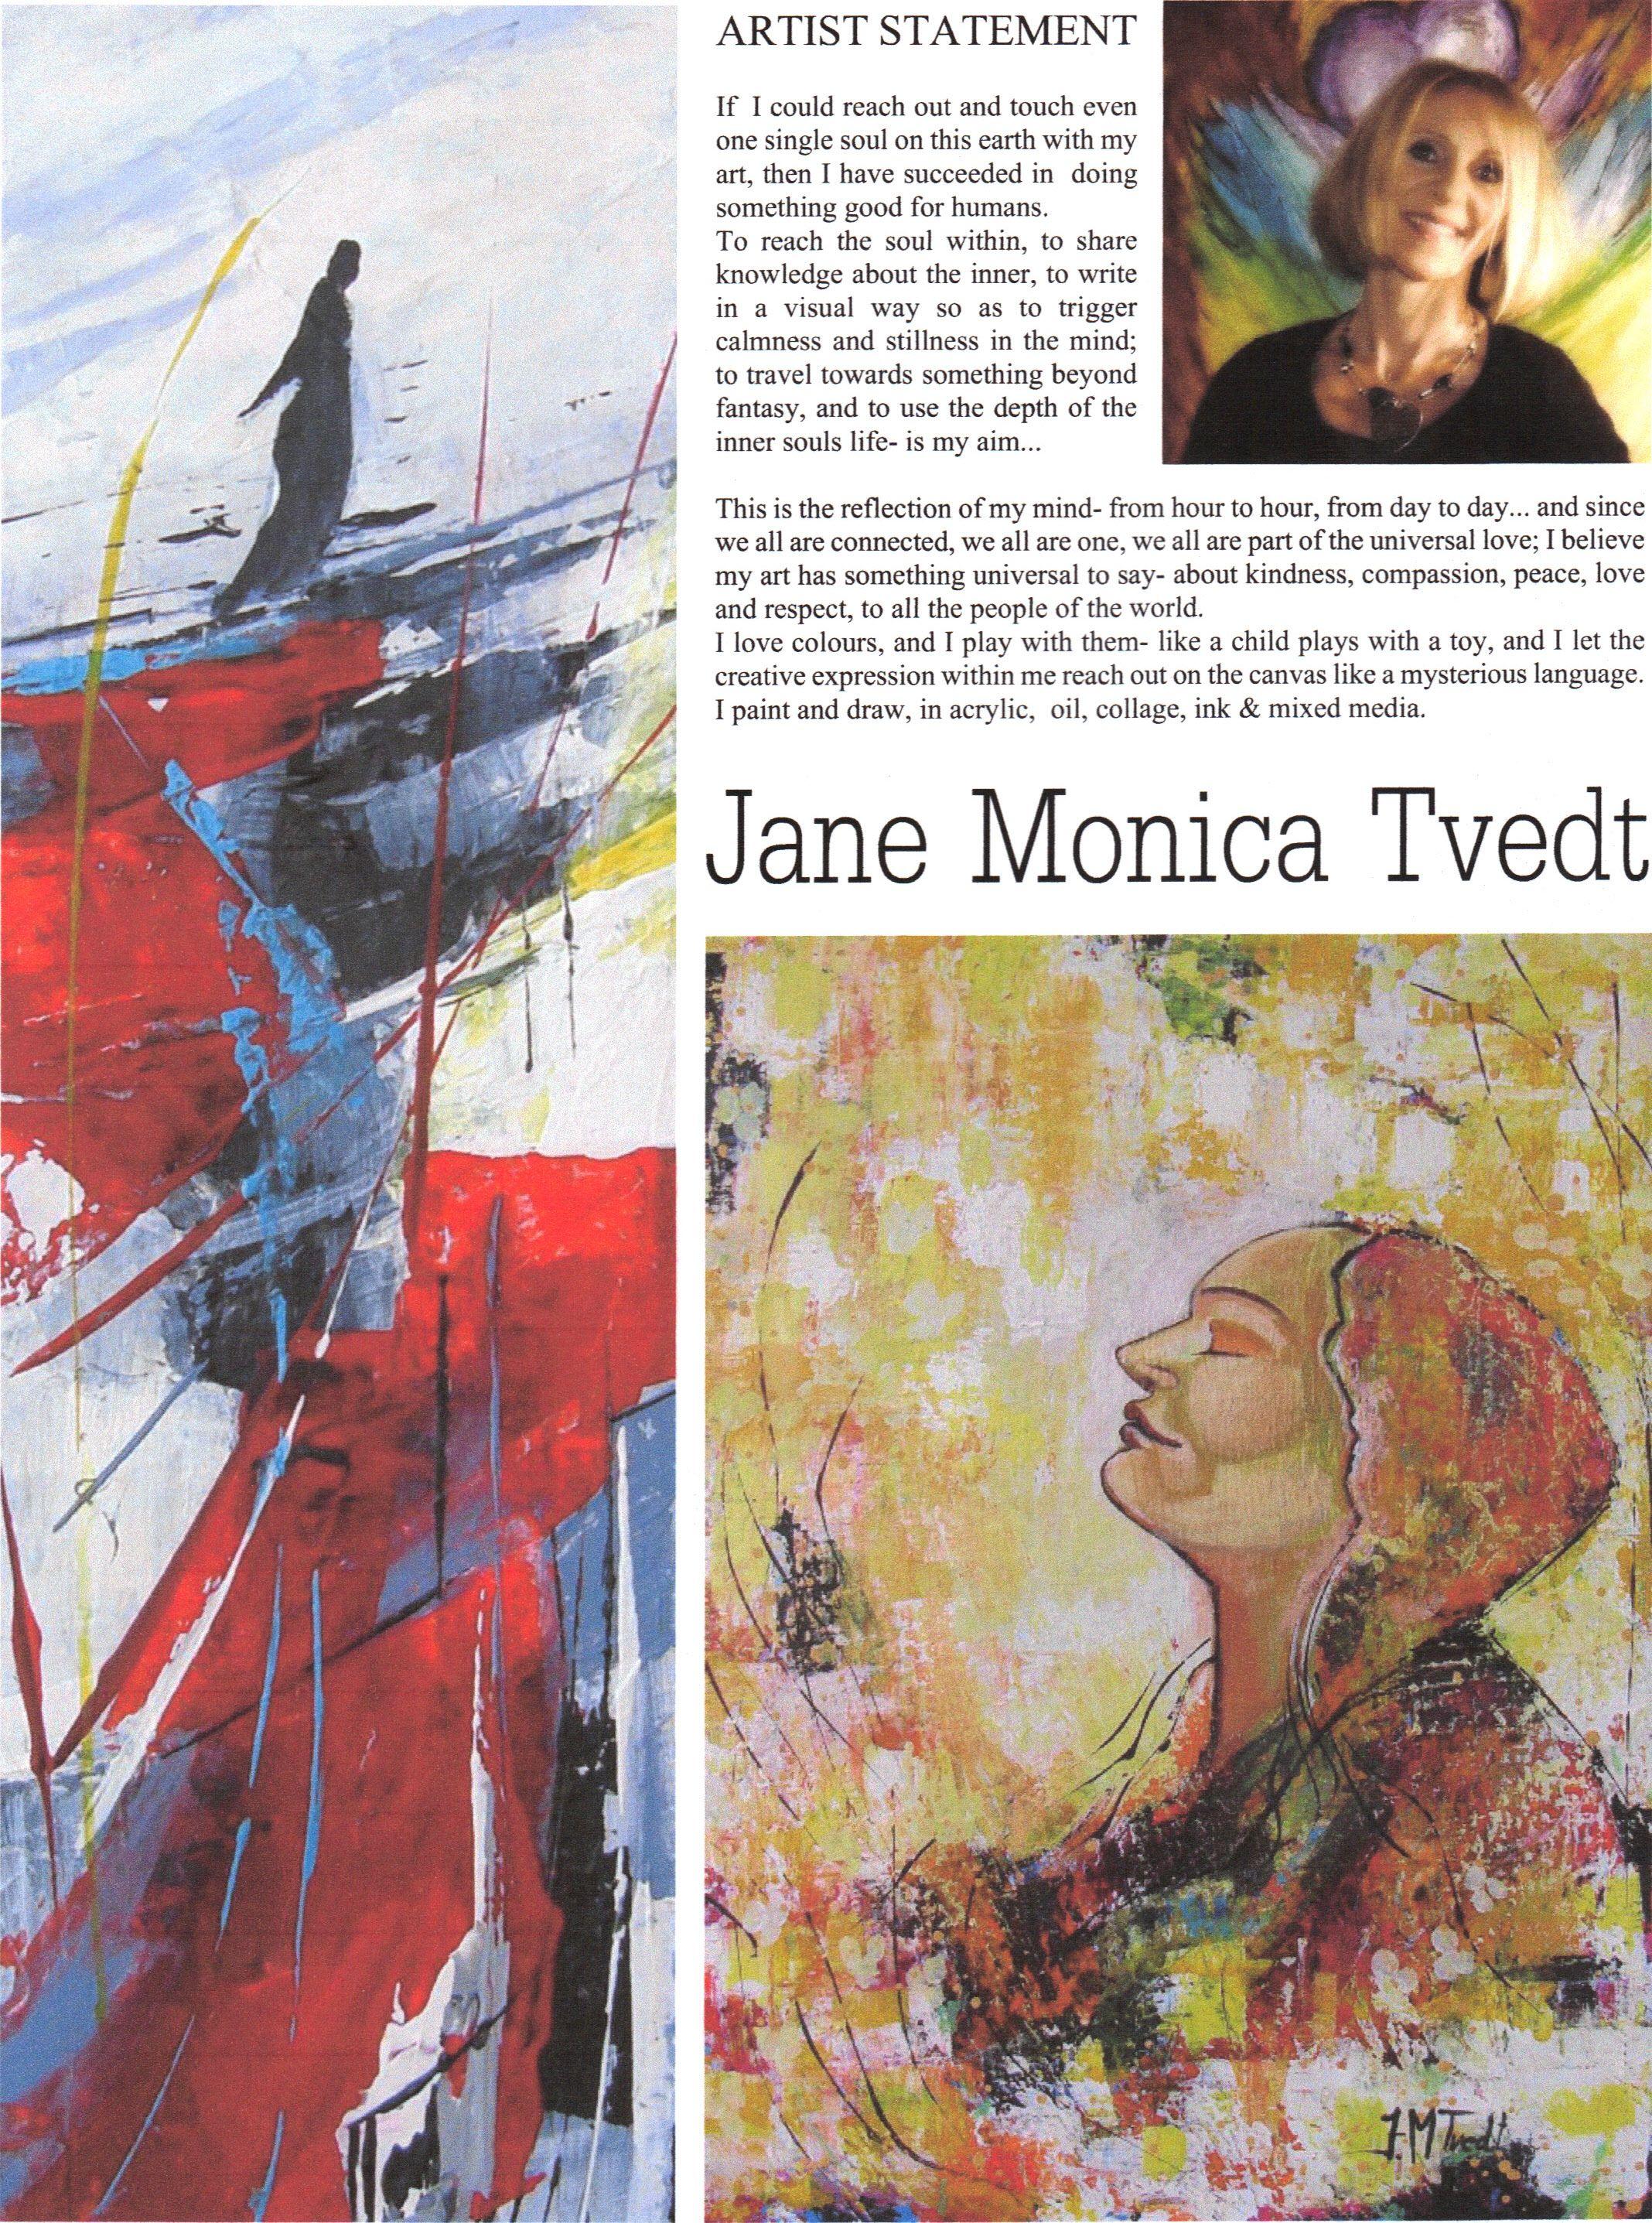 Artist statement artist statement examples artist